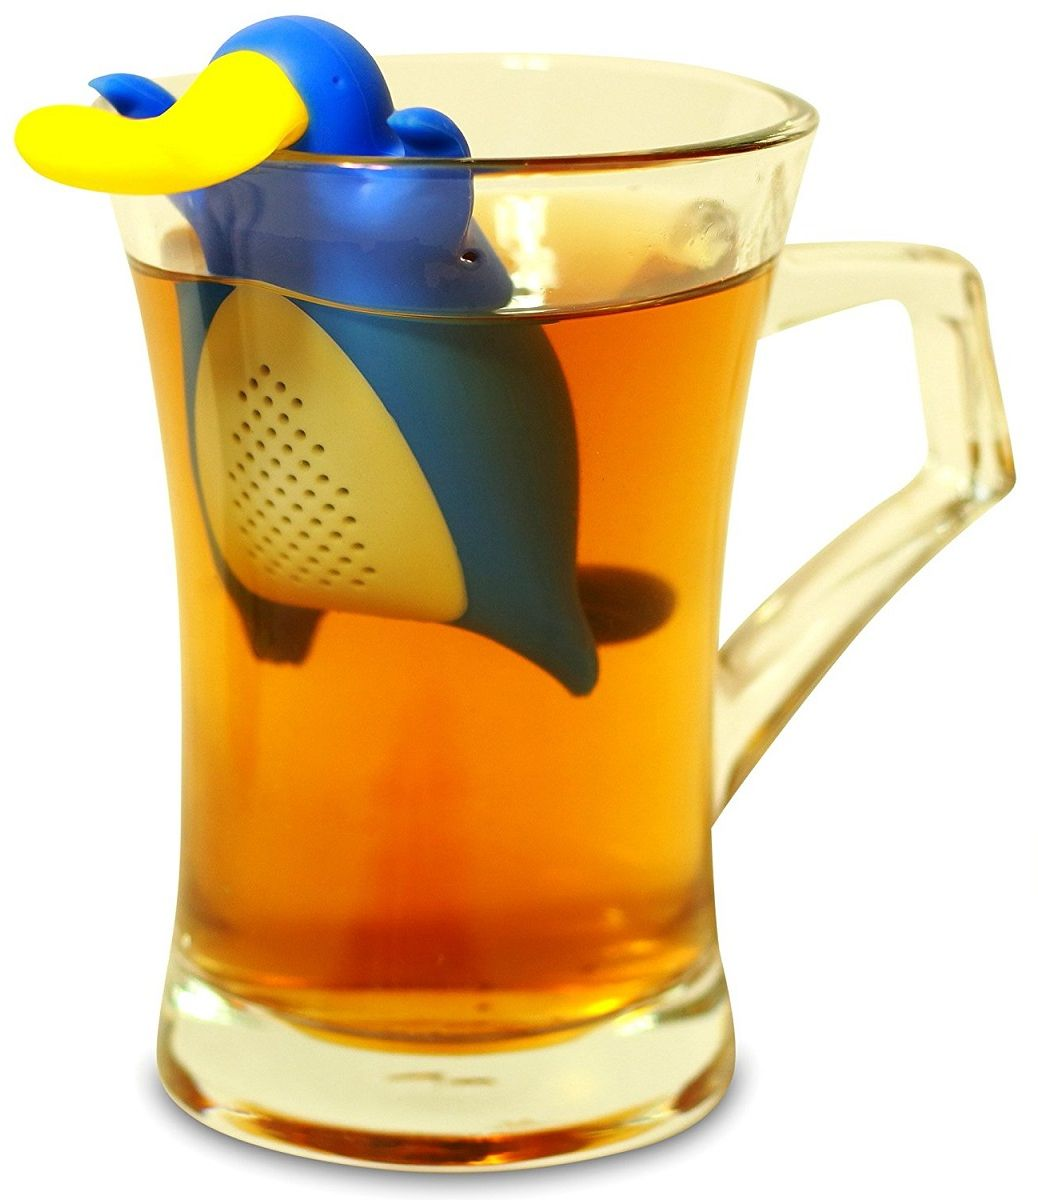 Ситечко для чая FidgetGo Утконос, цвет: синий2212345678921Это именно то, что нужно для холодных дней - заварник для чая в виде очаровательного Утконоса. Просто засыпьте чай внутрь, налейте кипятка в чашку и опустите заварник. Через пару минут у вас будет готов ароматный и вкусный чай. Теперь вам не нужны большие заварочные чайники. Очаровательный Утконос подарит вам чудесное настроение в любую погоду. изготовлен из термоустойчивого пищевого силикона.